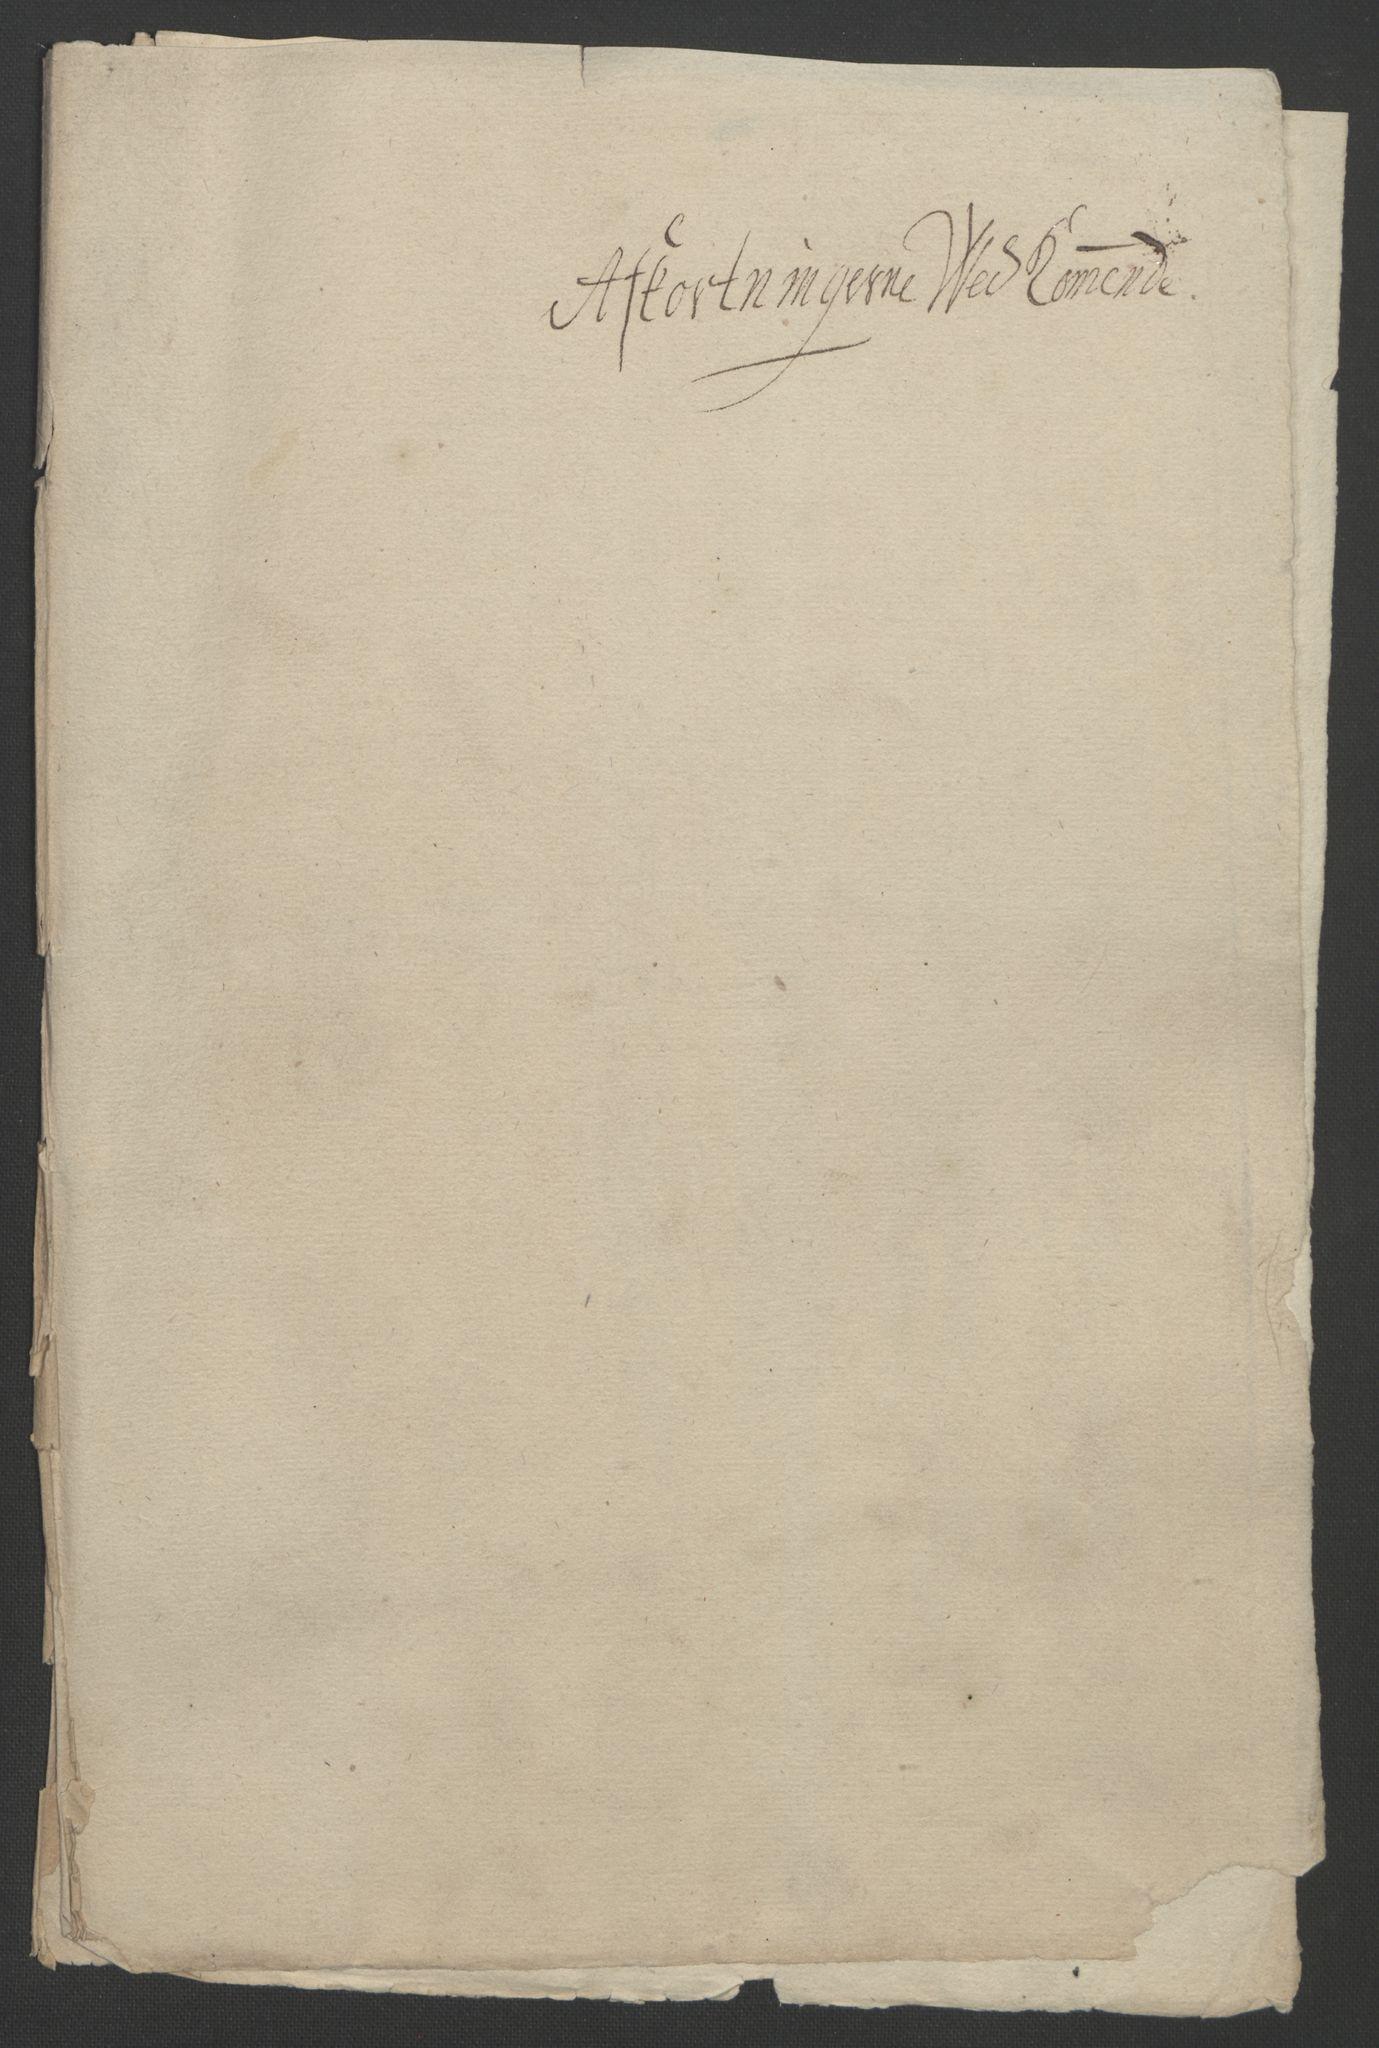 RA, Rentekammeret inntil 1814, Reviderte regnskaper, Fogderegnskap, R22/L1451: Fogderegnskap Ringerike, Hallingdal og Buskerud, 1694, s. 303